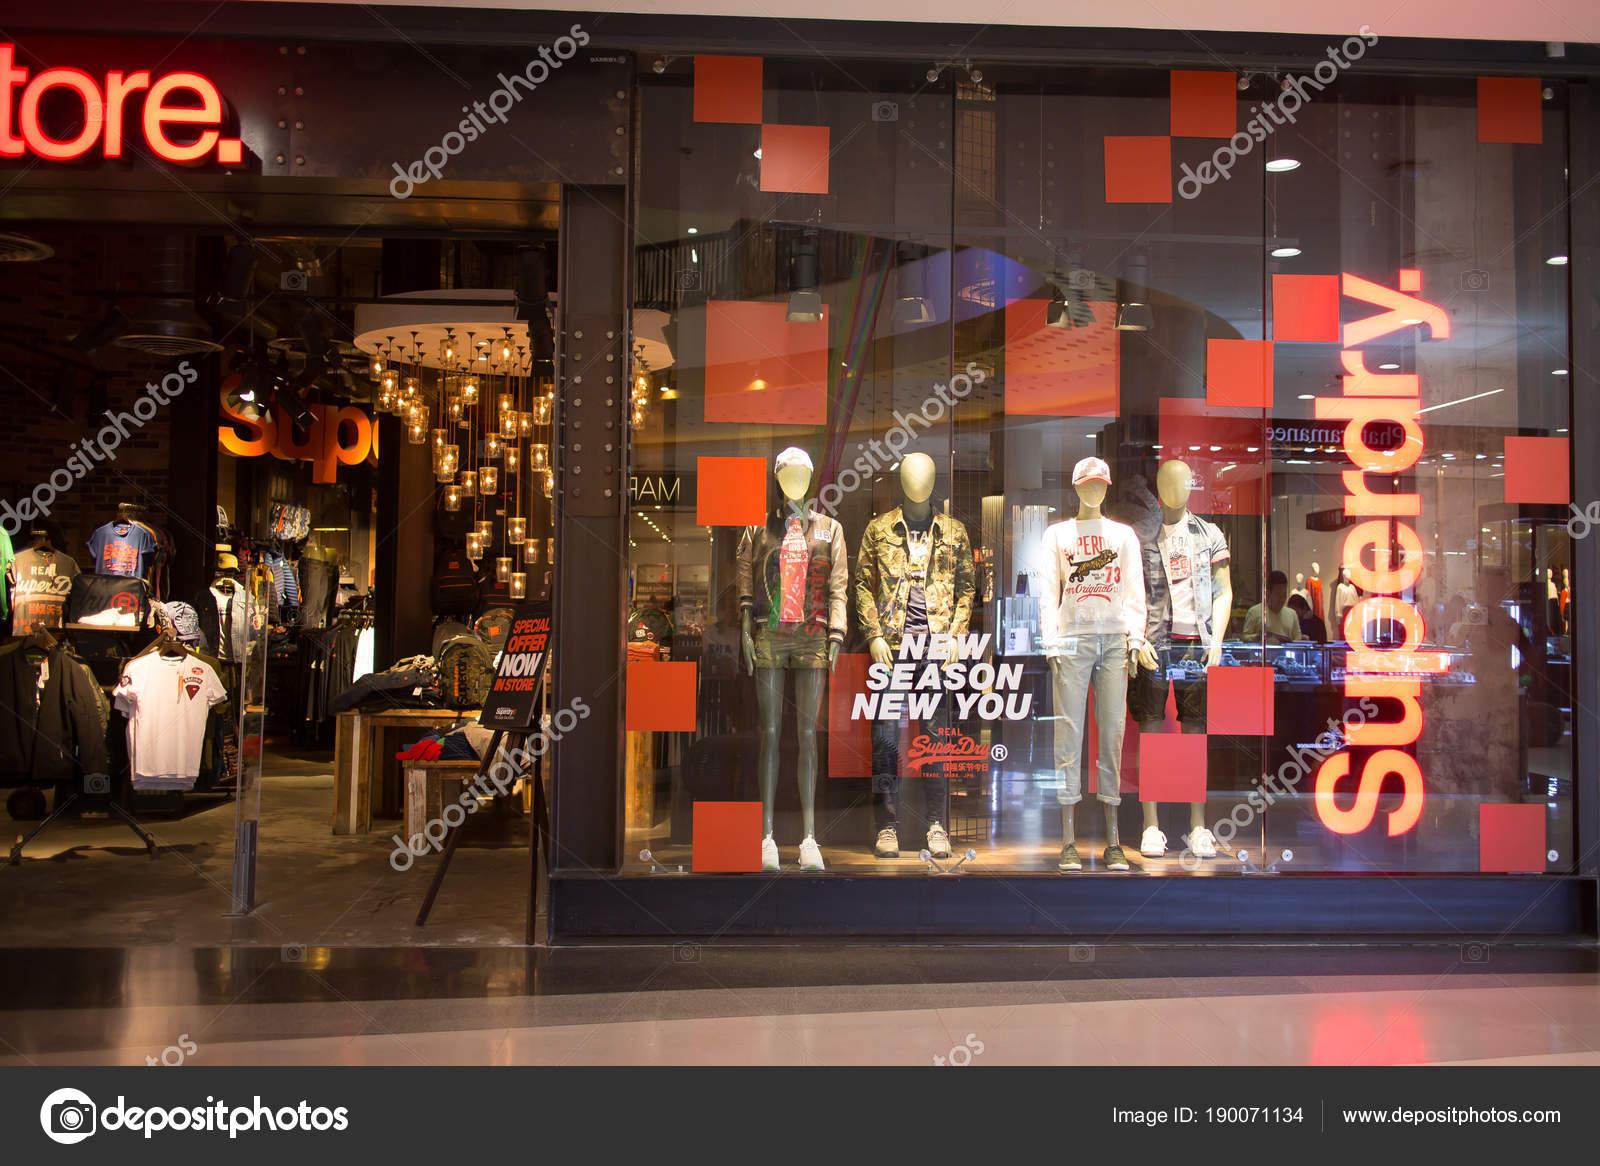 8bbf5bfb6b SUPERDRY negozio. Superdry Abbigliamento design e produzione compan ...